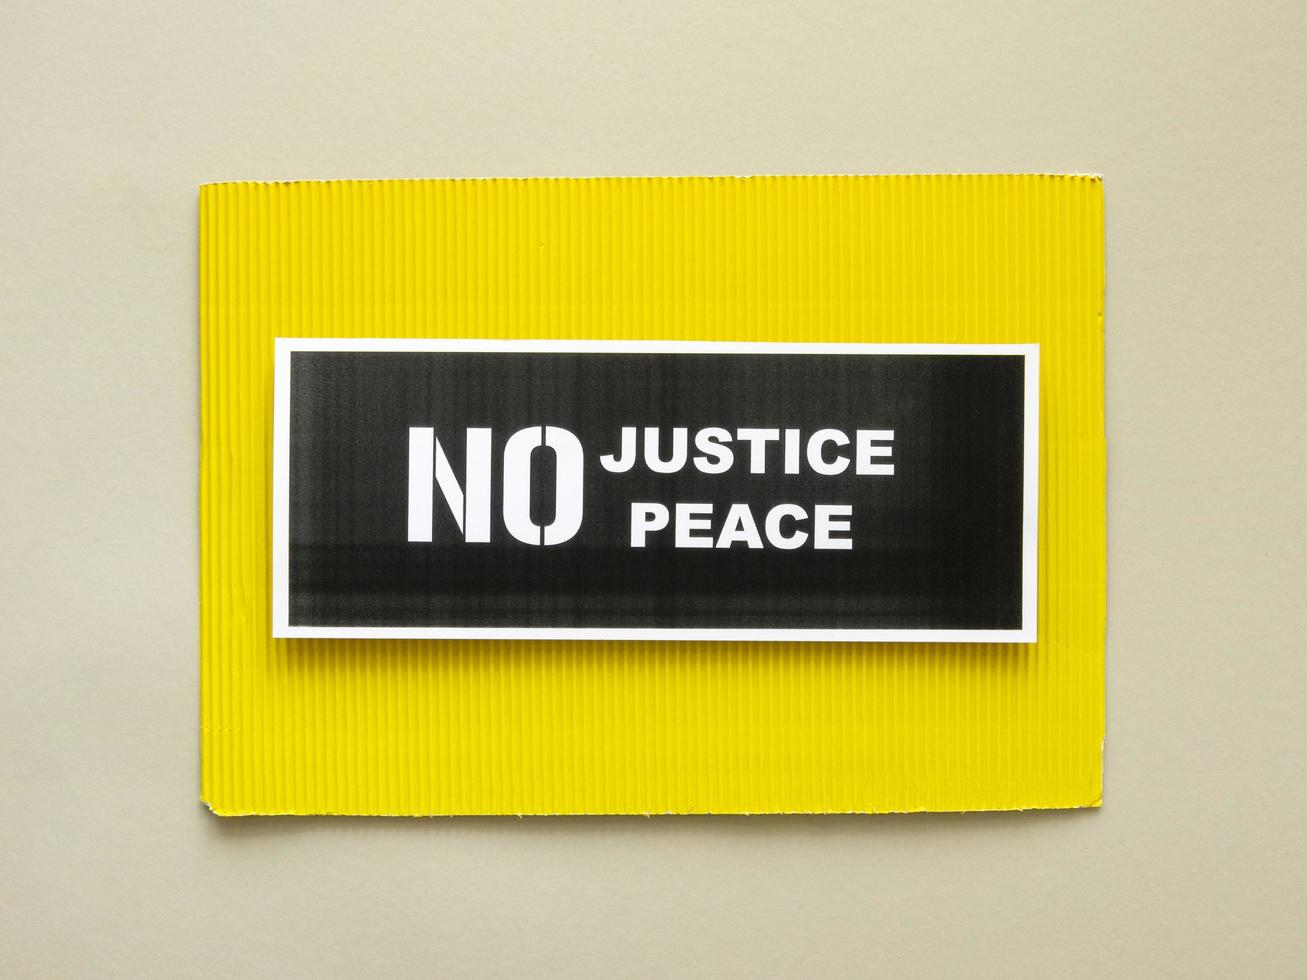 no hay justicia, no hay paz, señal de protesta foto